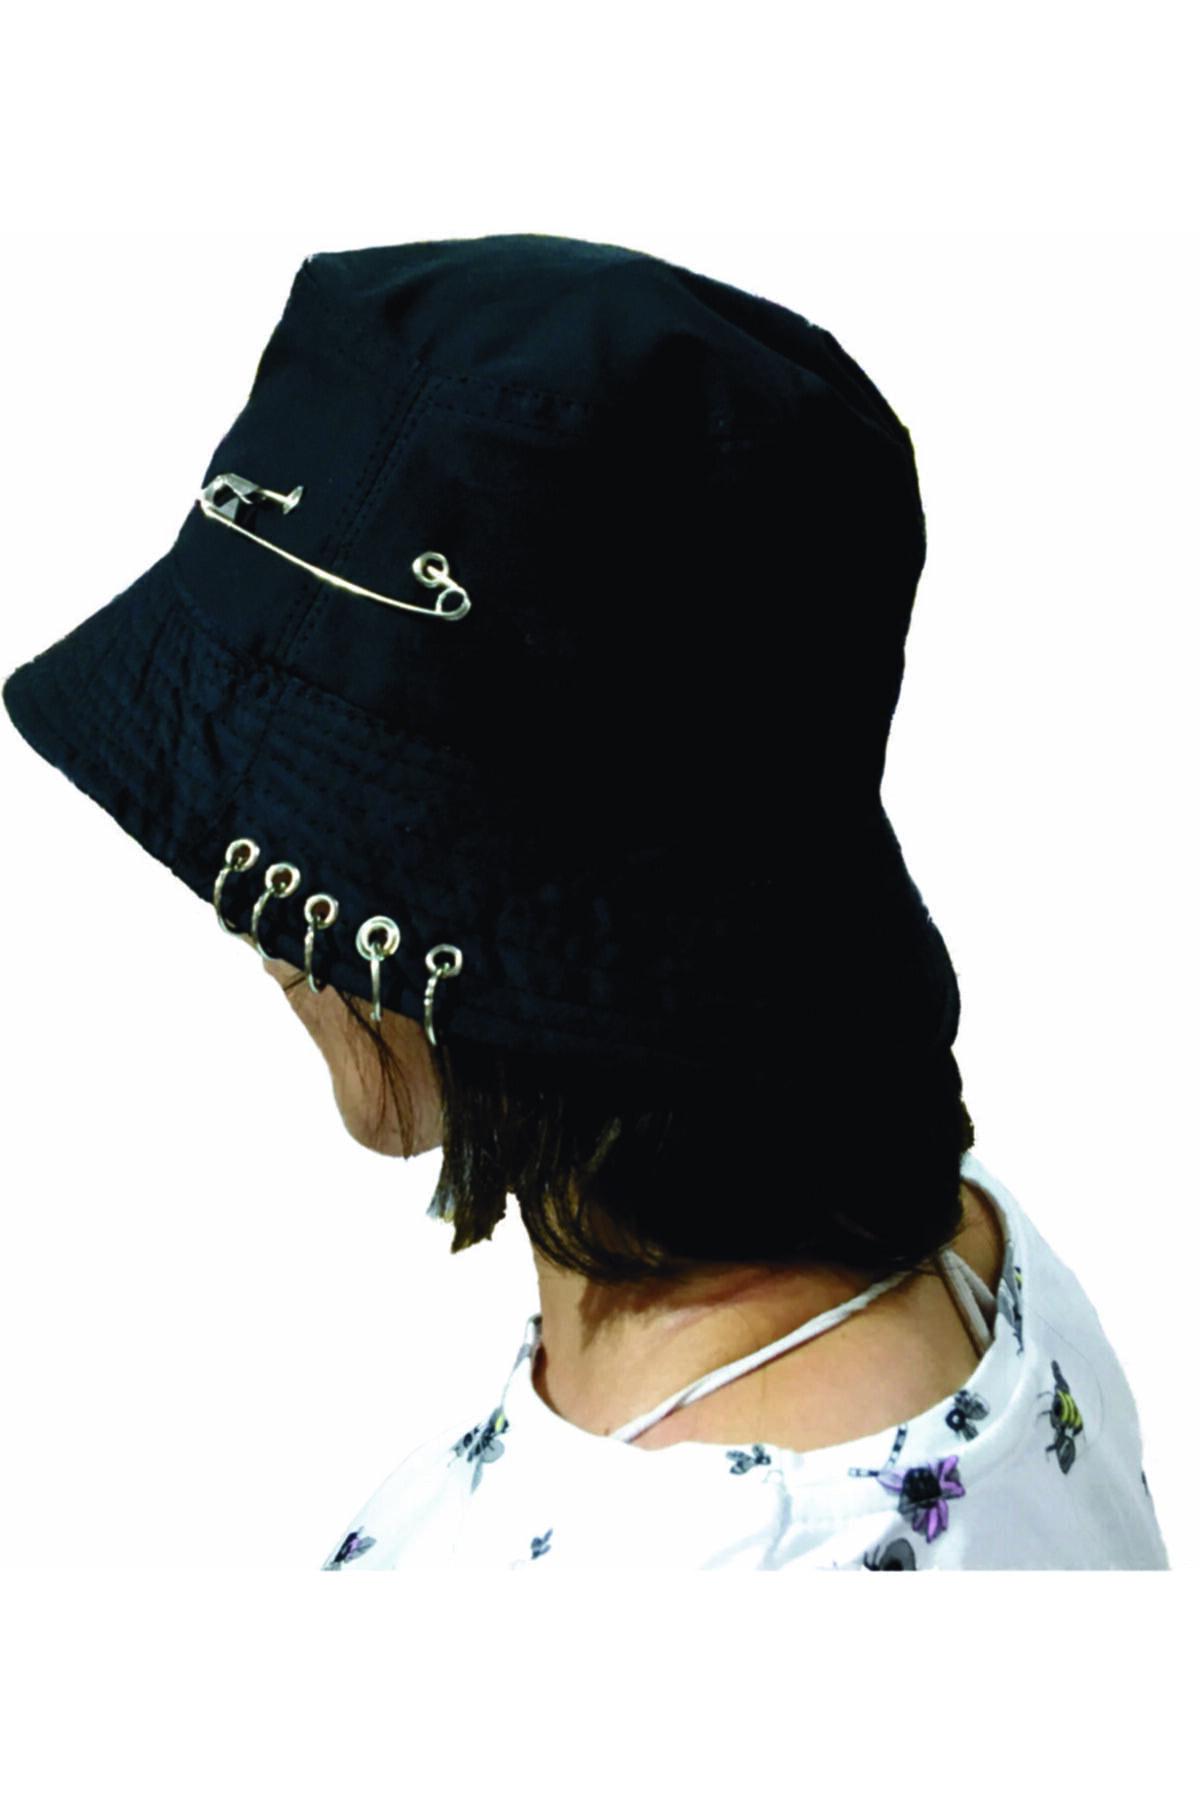 Kpop Piercingli Iğneli Balıkçı Şapka